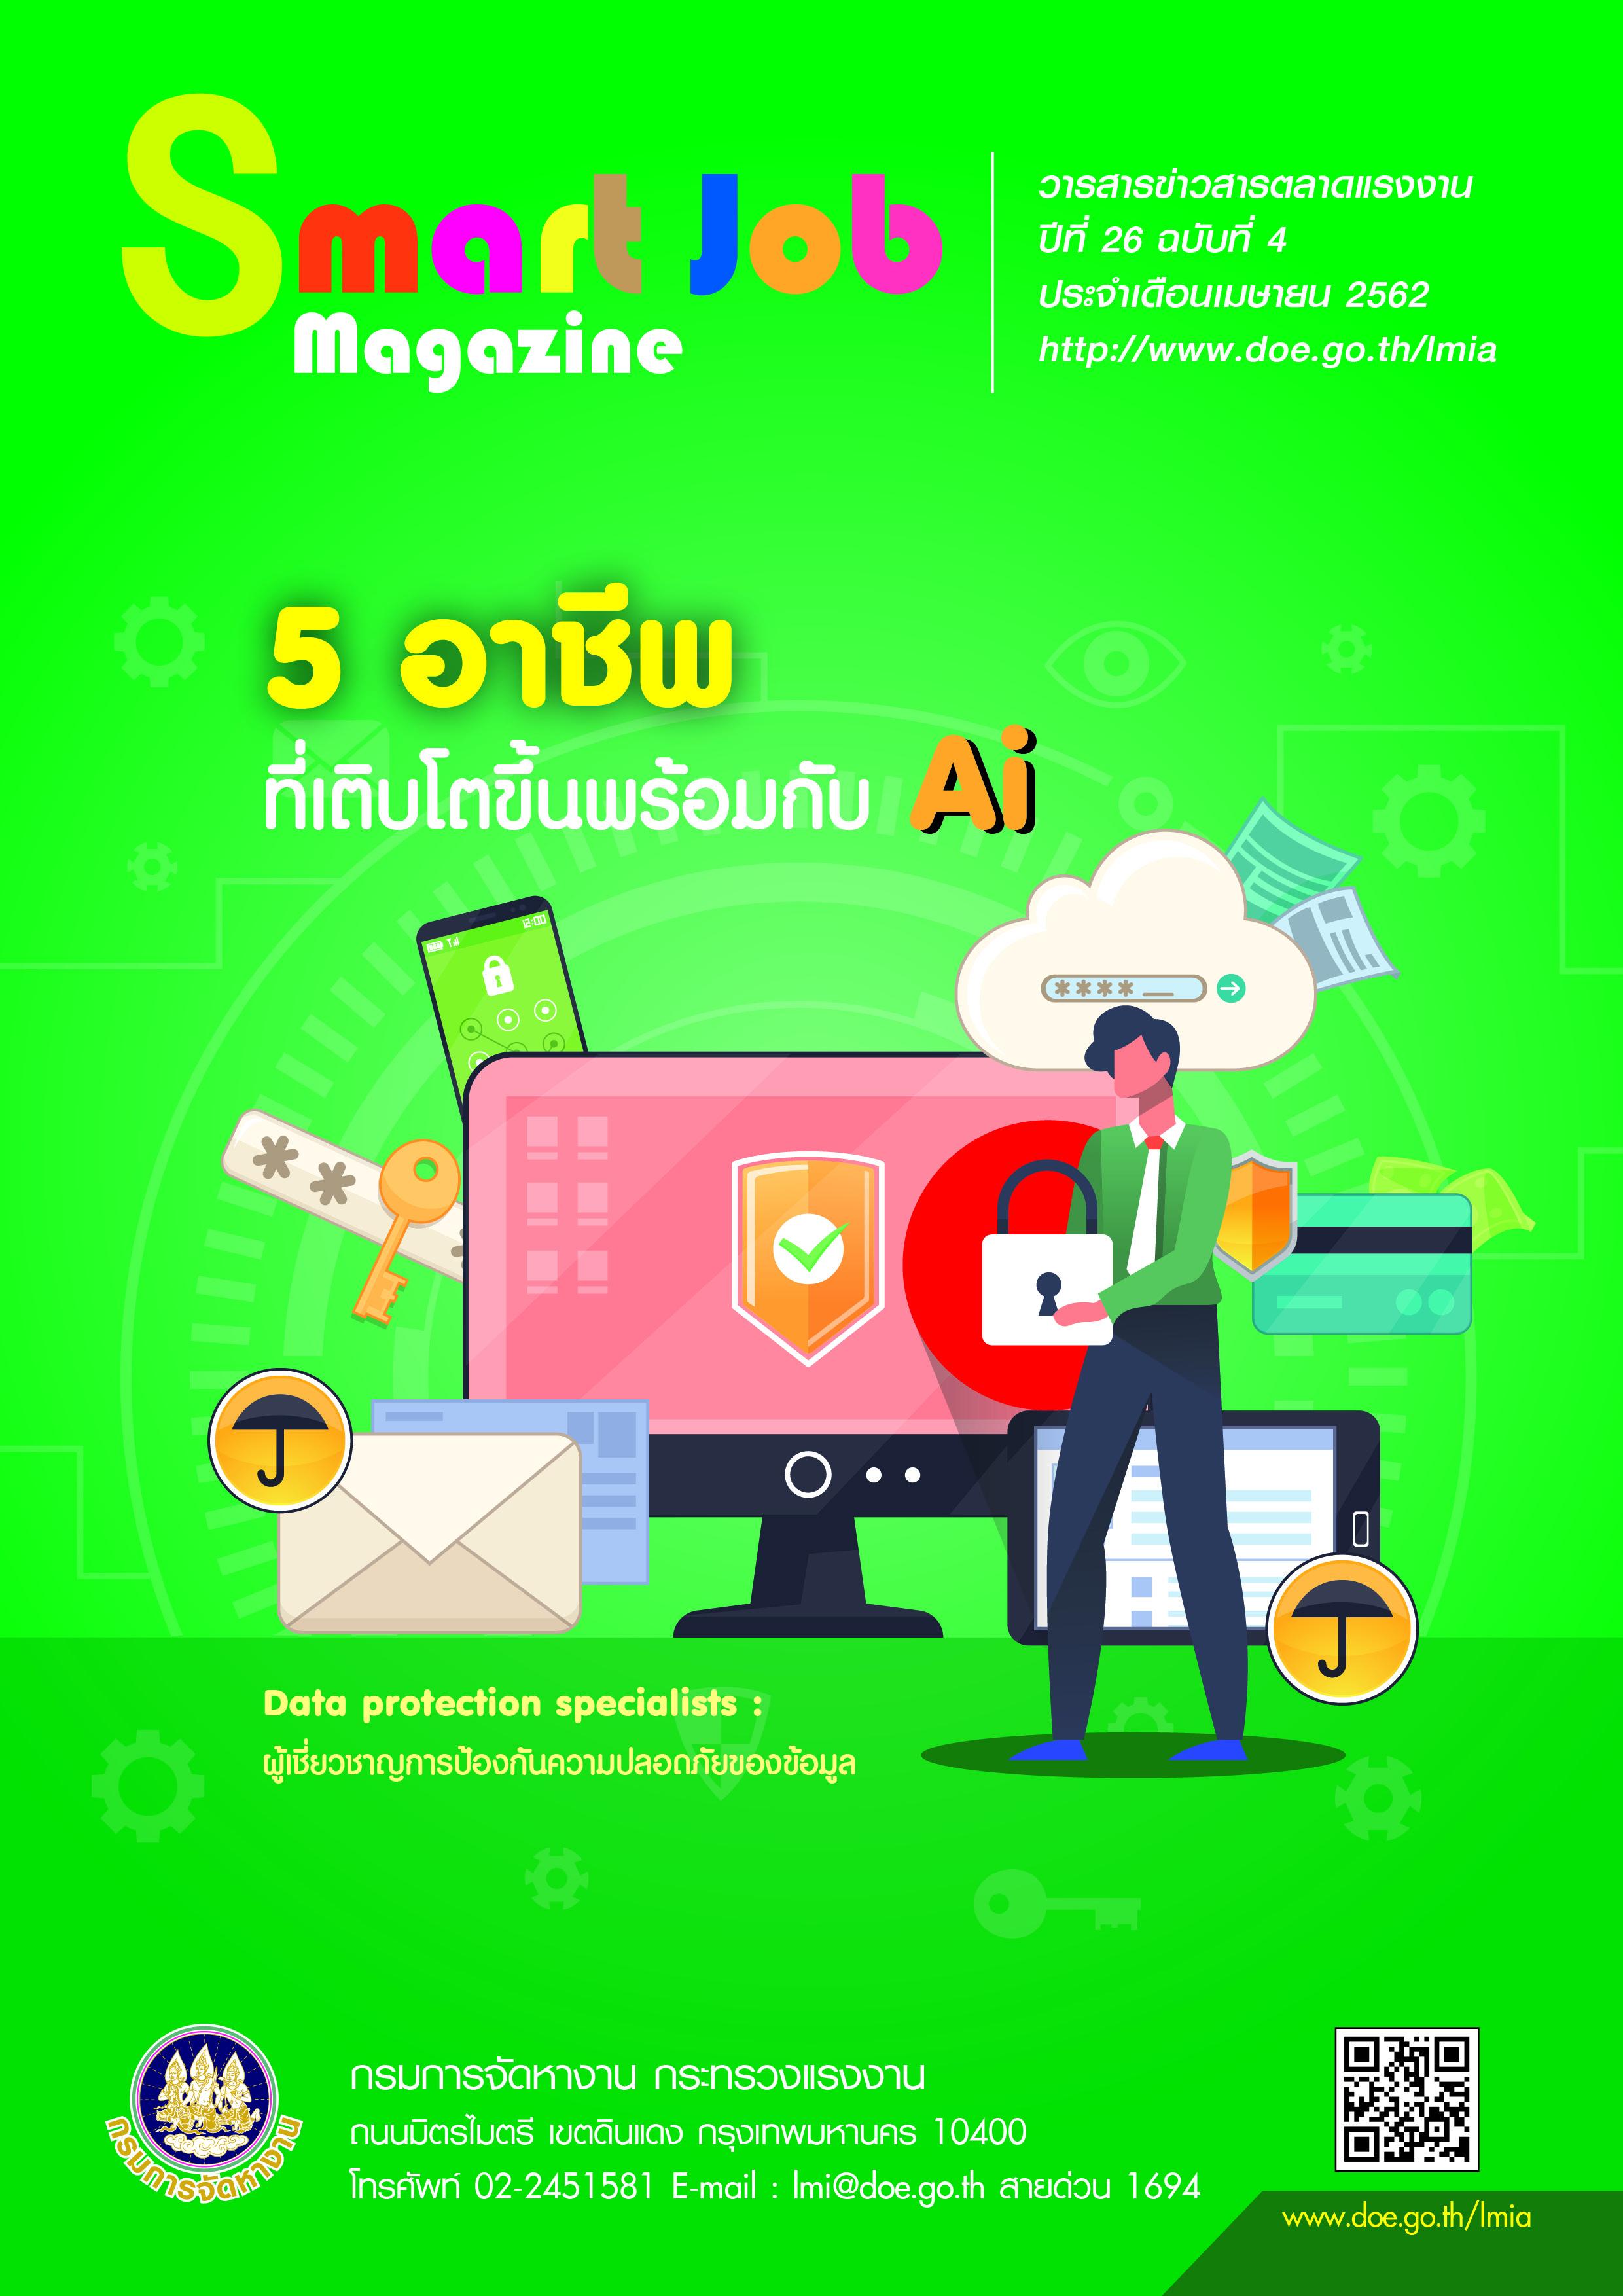 วารสารข่าวสารตลาดแรงงาน Smart Job Magazine ประจำเดือนเมษายน 2562